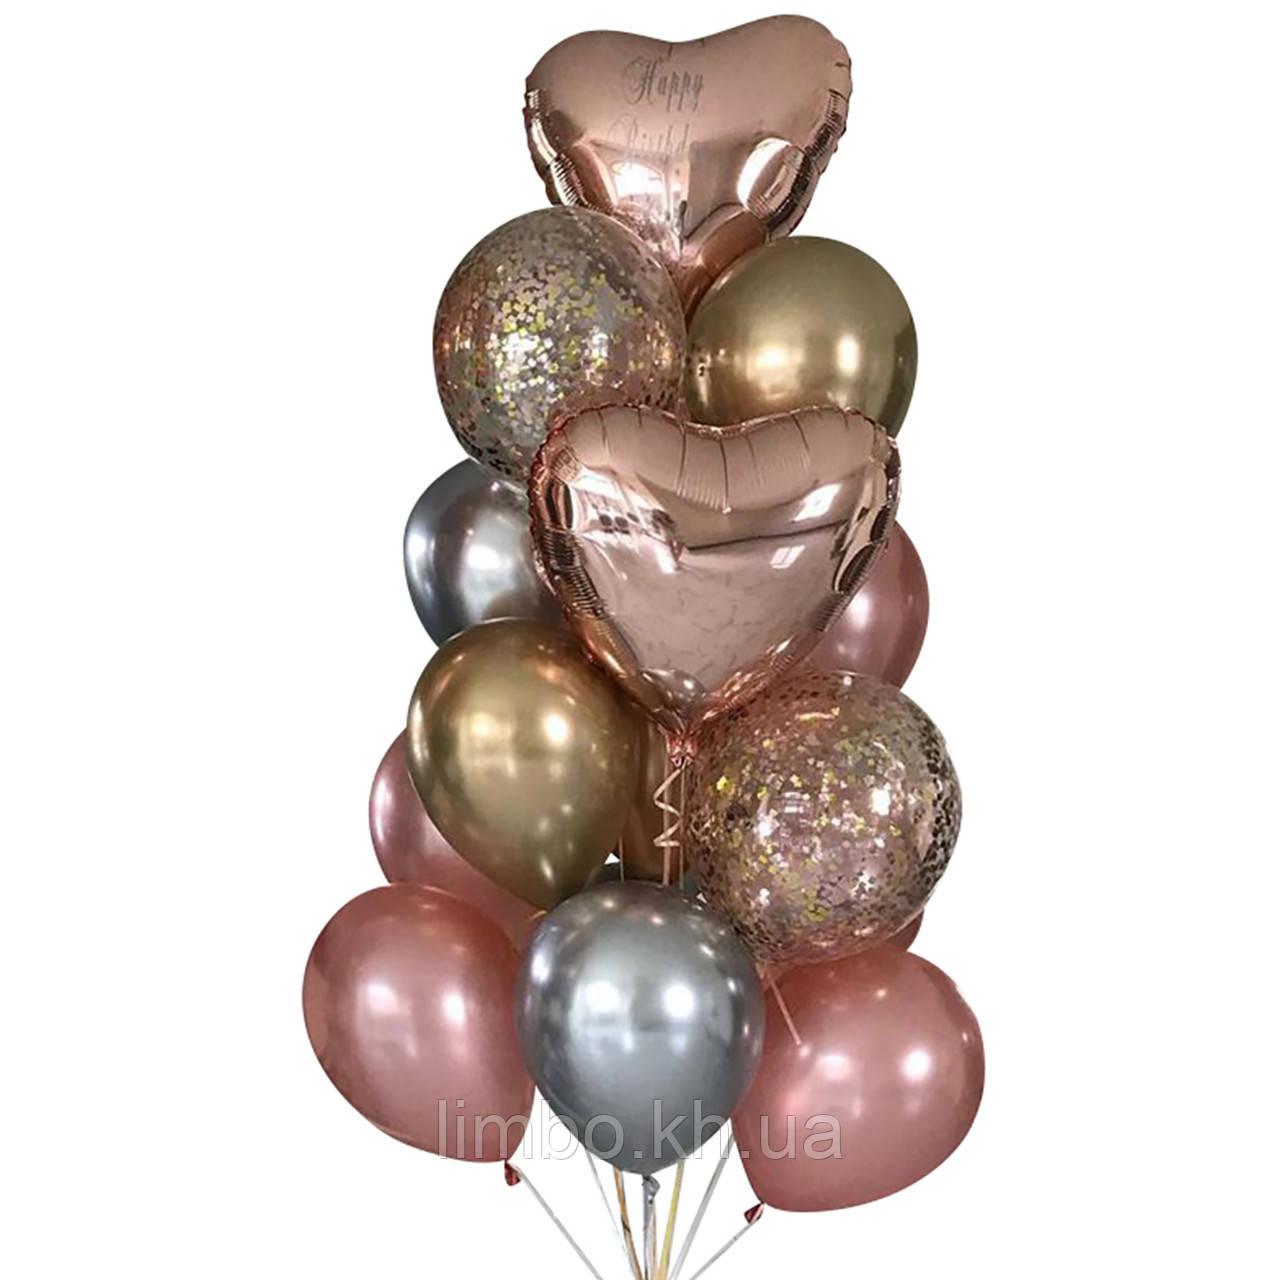 Шарики ко дню рождения в розовом цвете